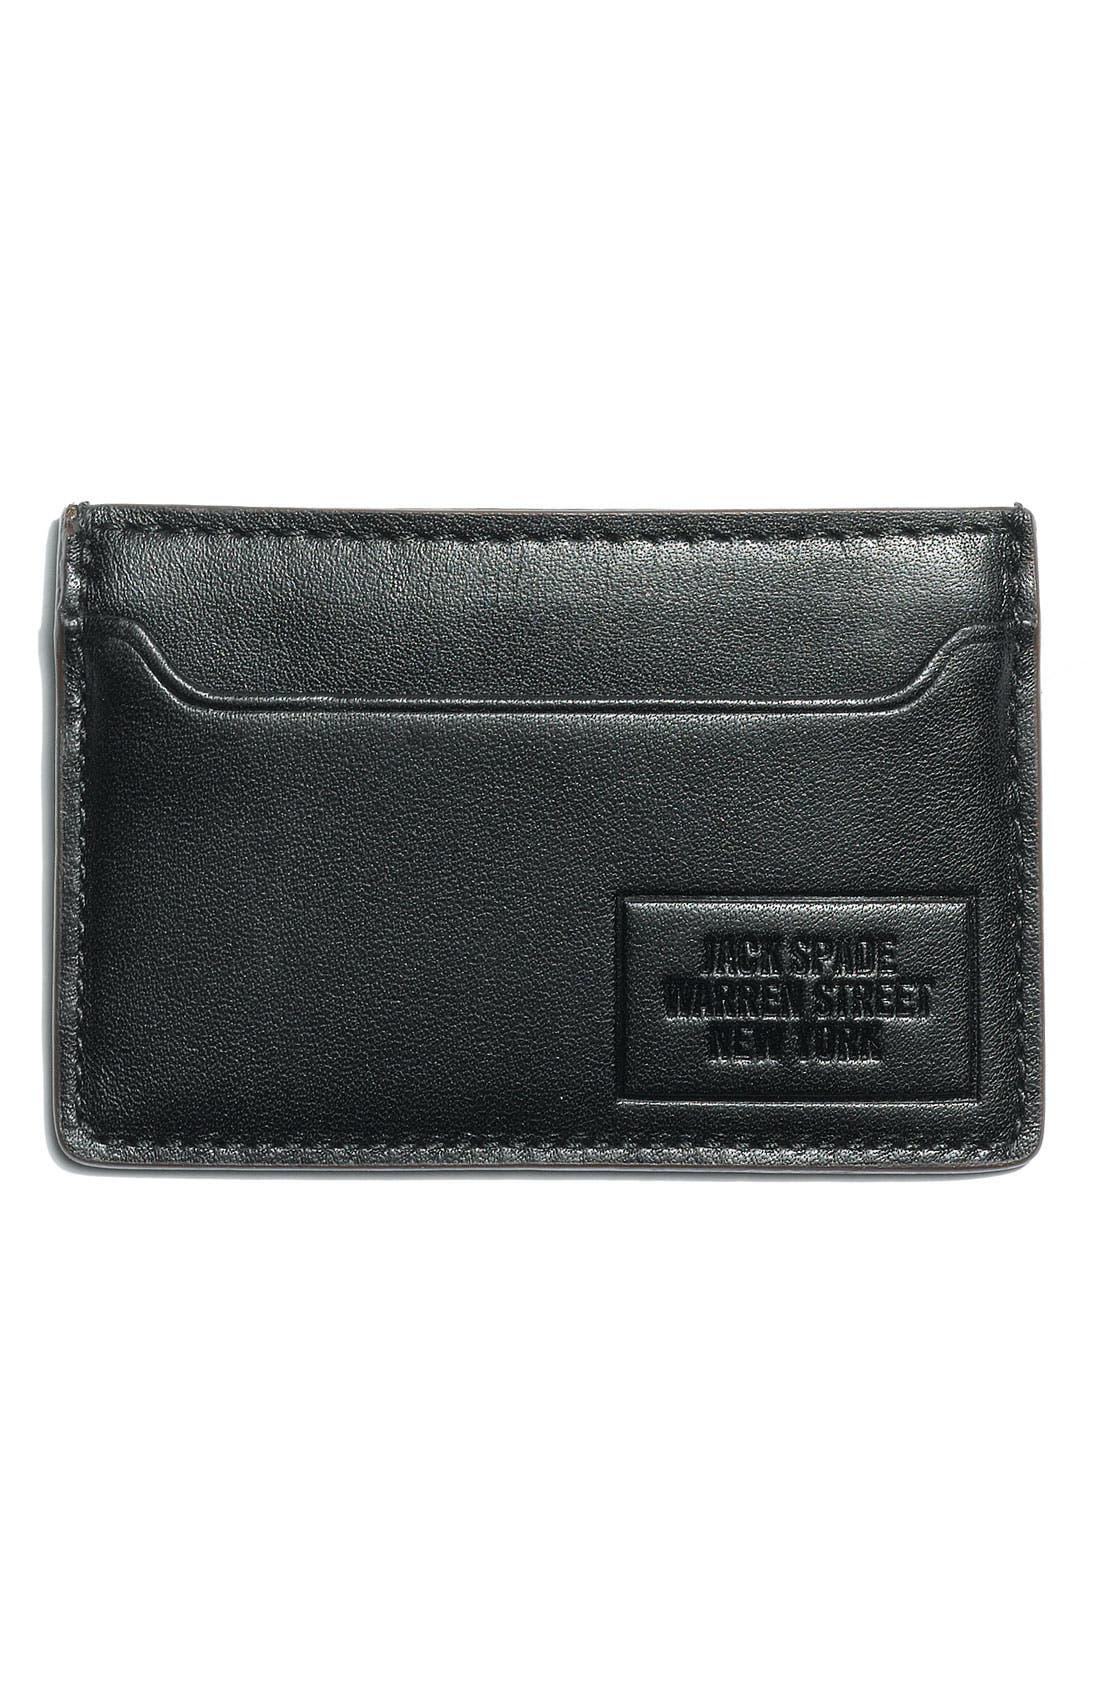 Alternate Image 1 Selected - Jack Spade Leather Credit Card Holder